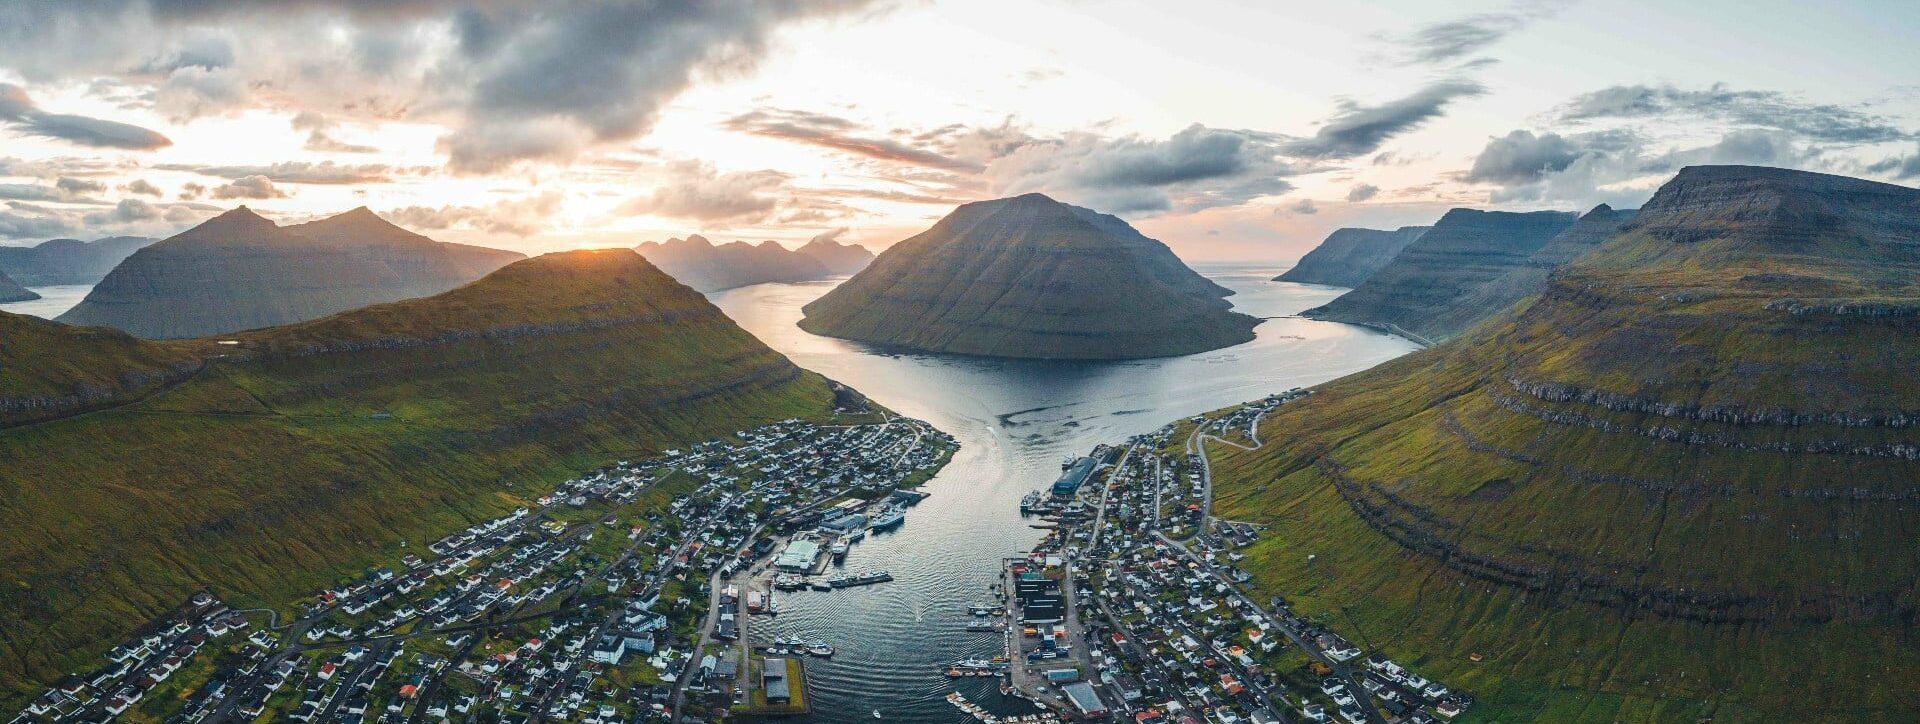 Klaksvík-Guide-to-Faroe-Islands